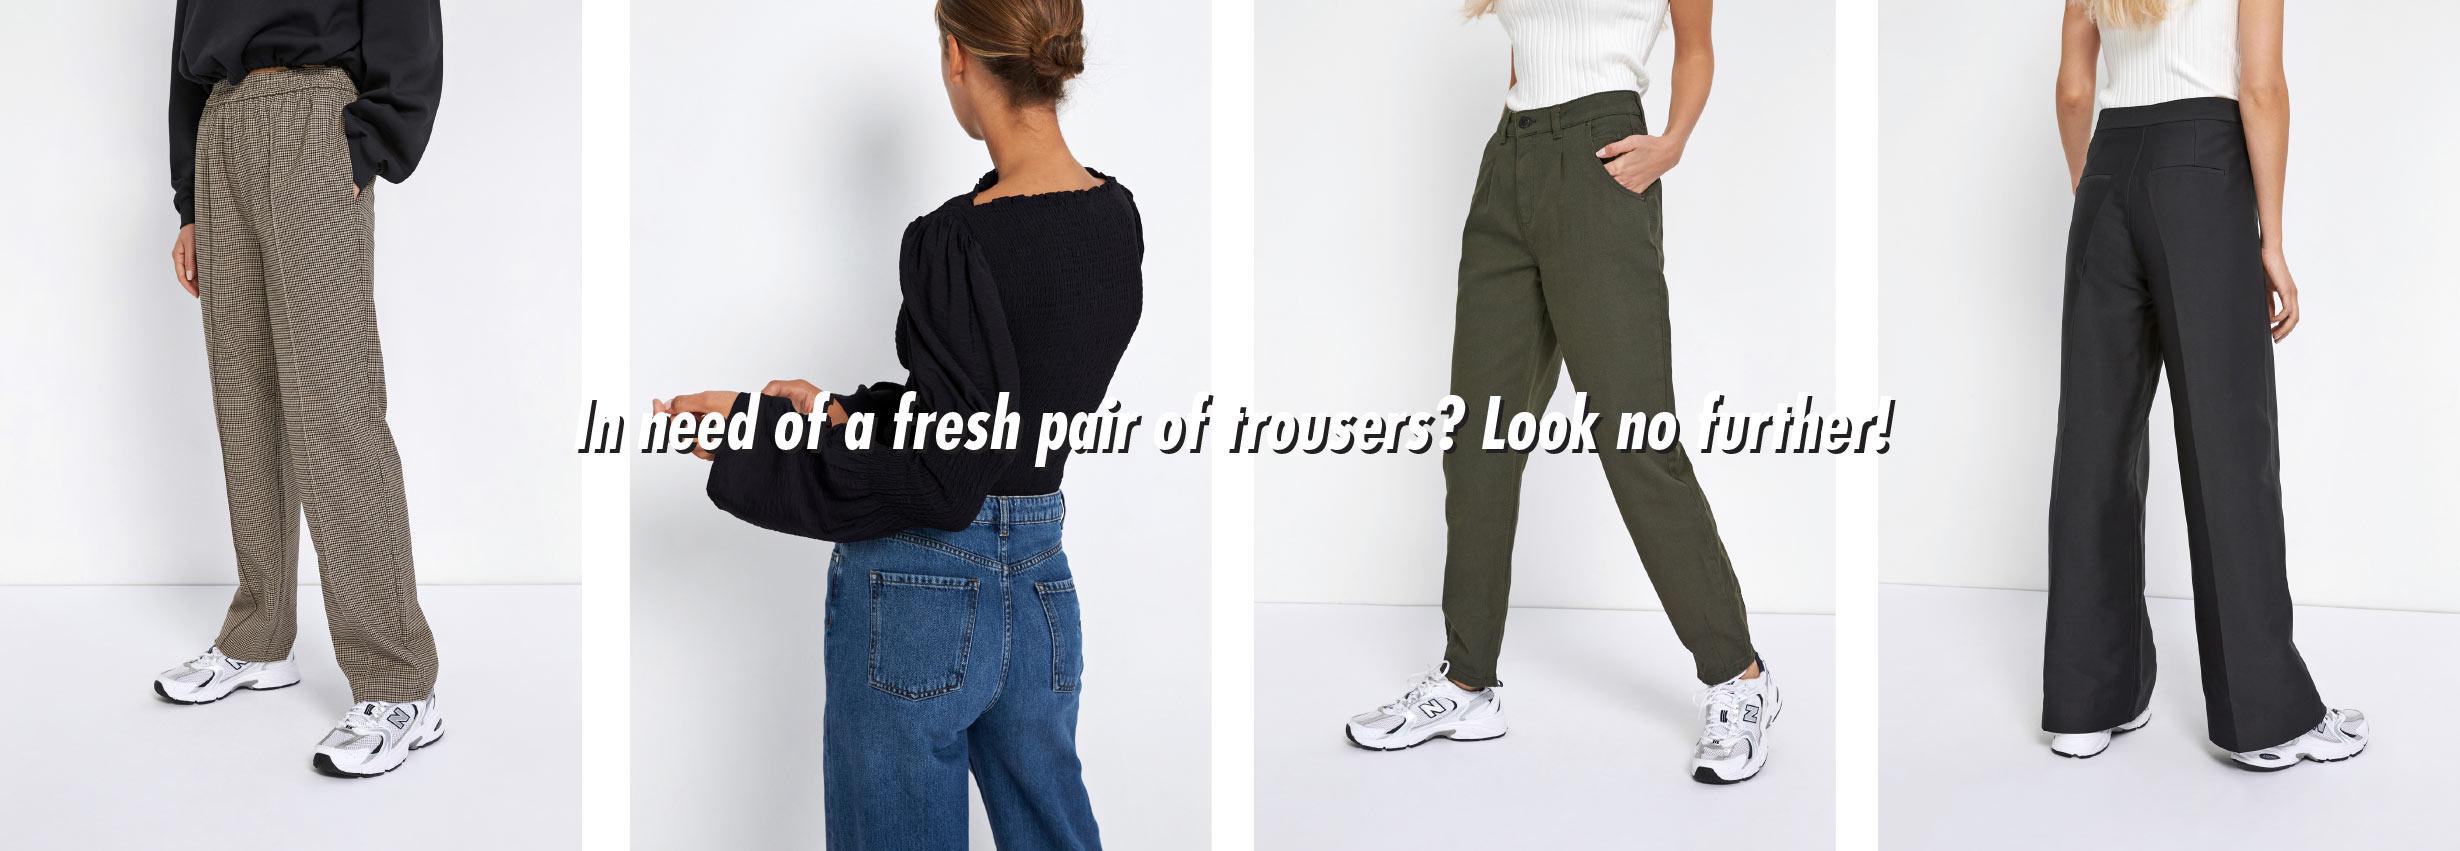 Trousers Women's fashion